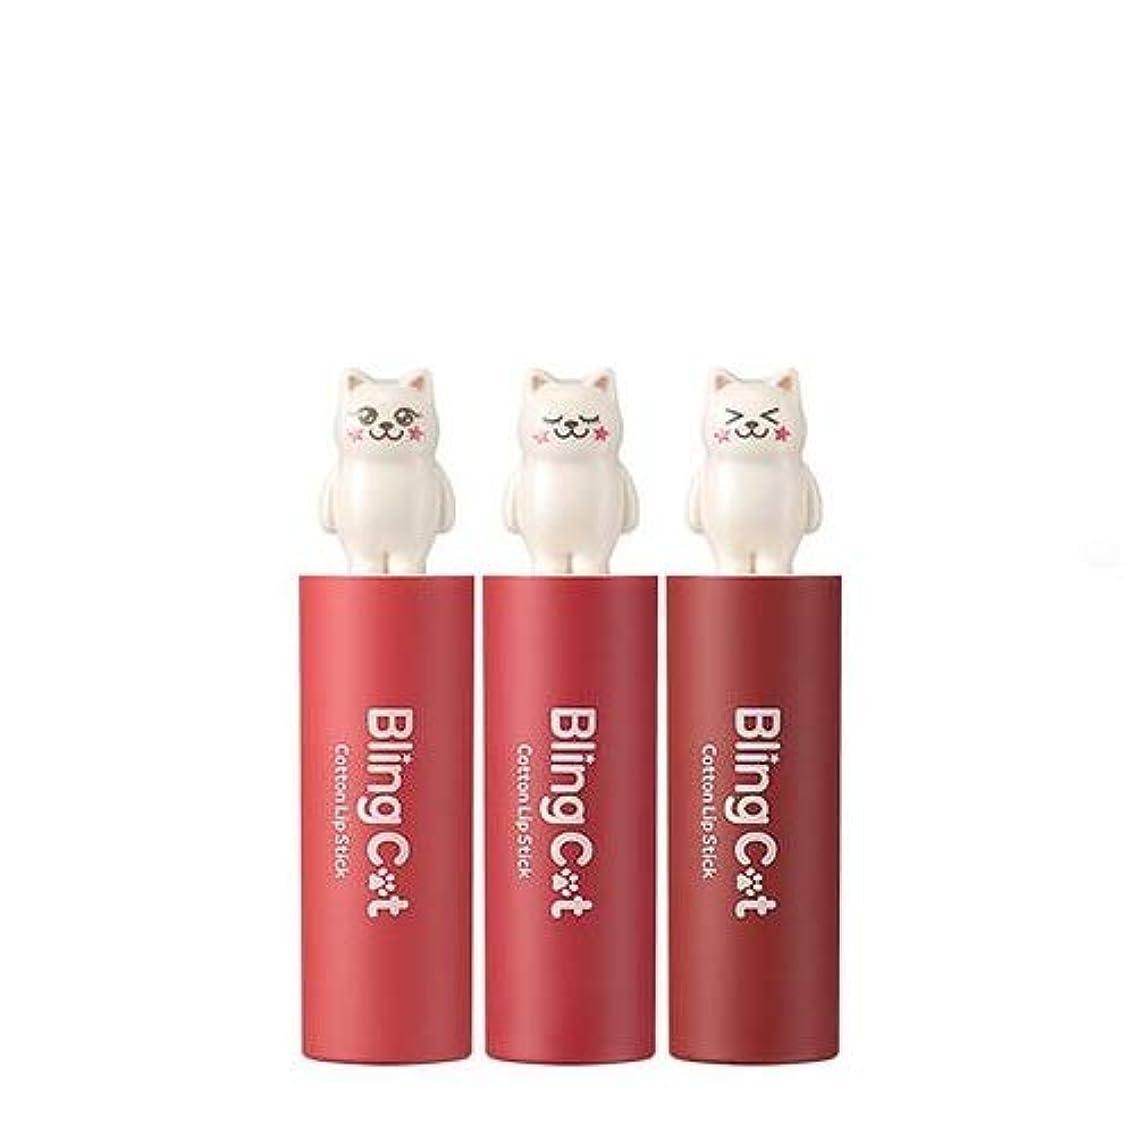 頑固な戦う彫るトニーモリー ブリングキャット コットン リップスティック 3.4g / TONYMOLY Bling Cat Cotton Lipstick # 01. Wild Kiss [並行輸入品]